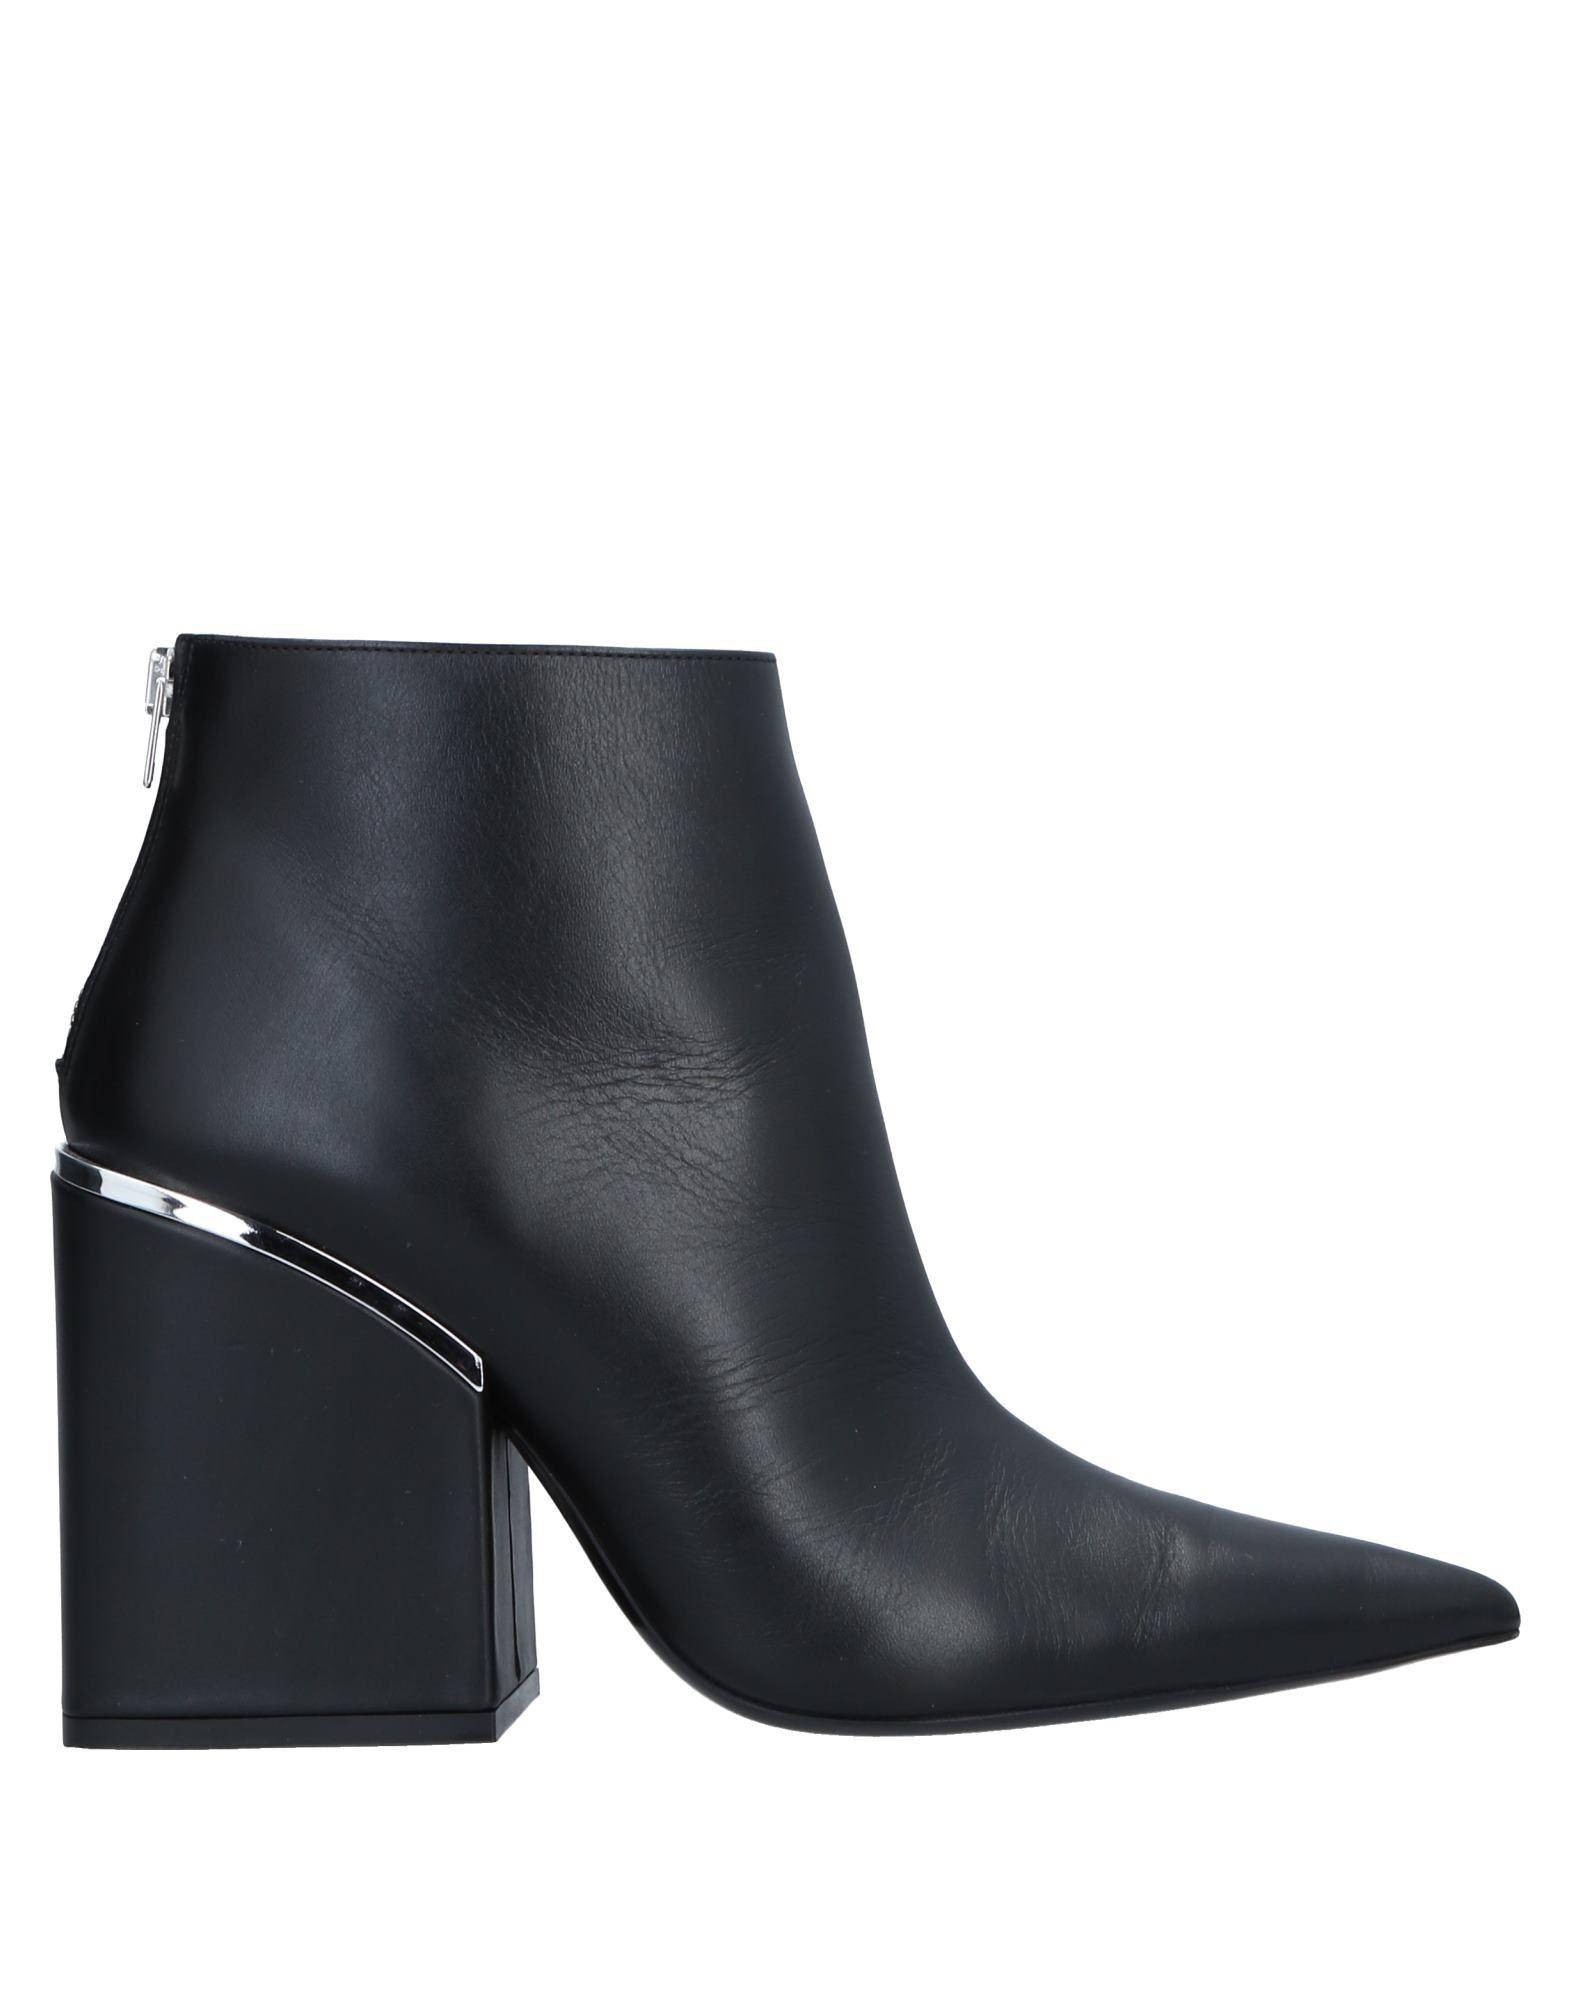 Marni Stiefelette Damen  11537362BHGünstige gut aussehende Schuhe